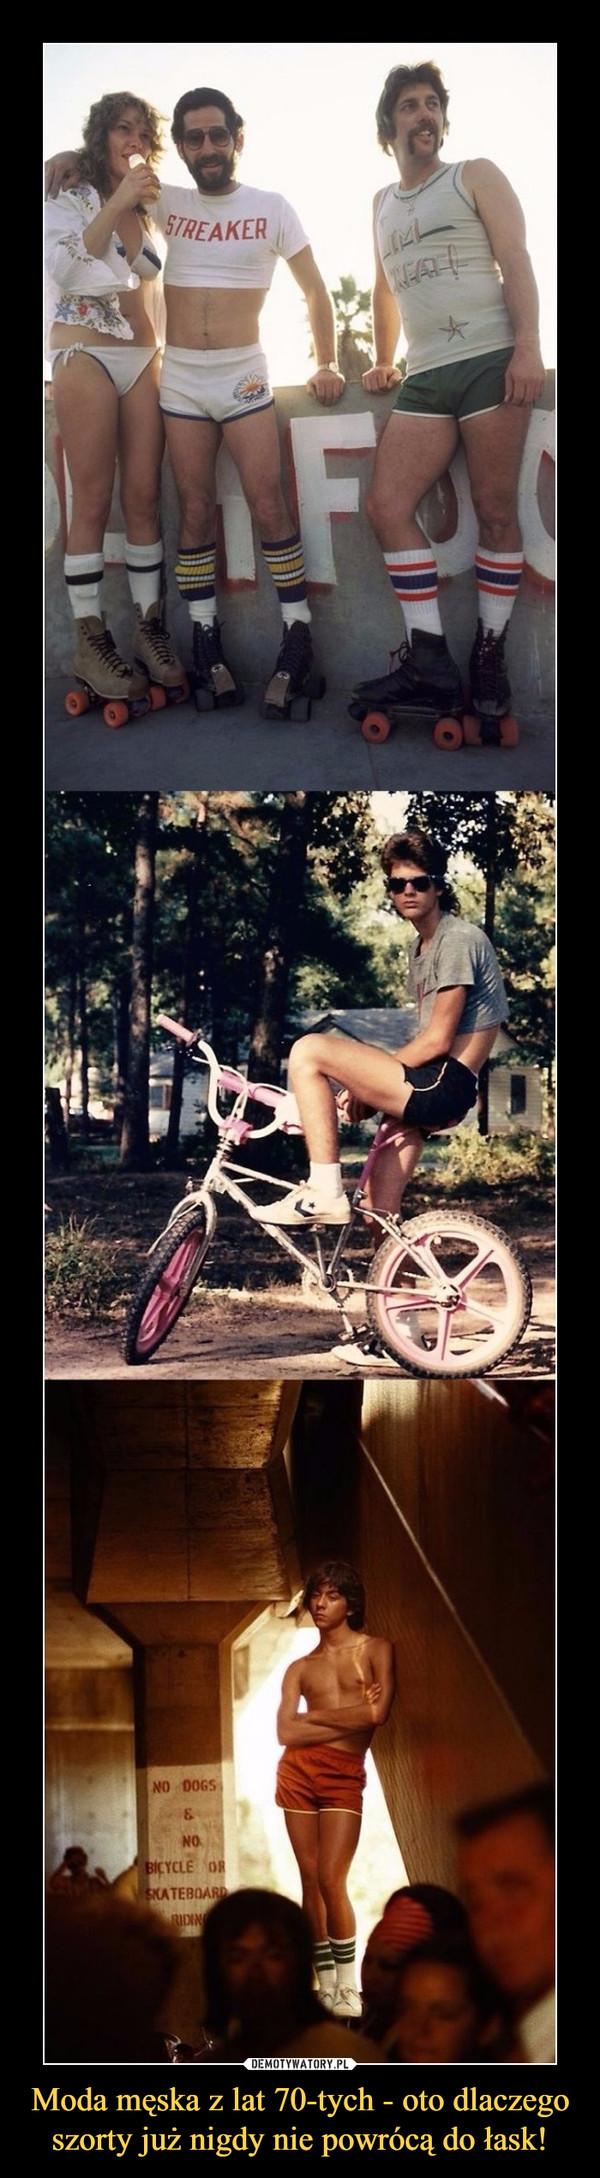 Moda męska z lat 70-tych - oto dlaczego szorty już nigdy nie powrócą do łask! –